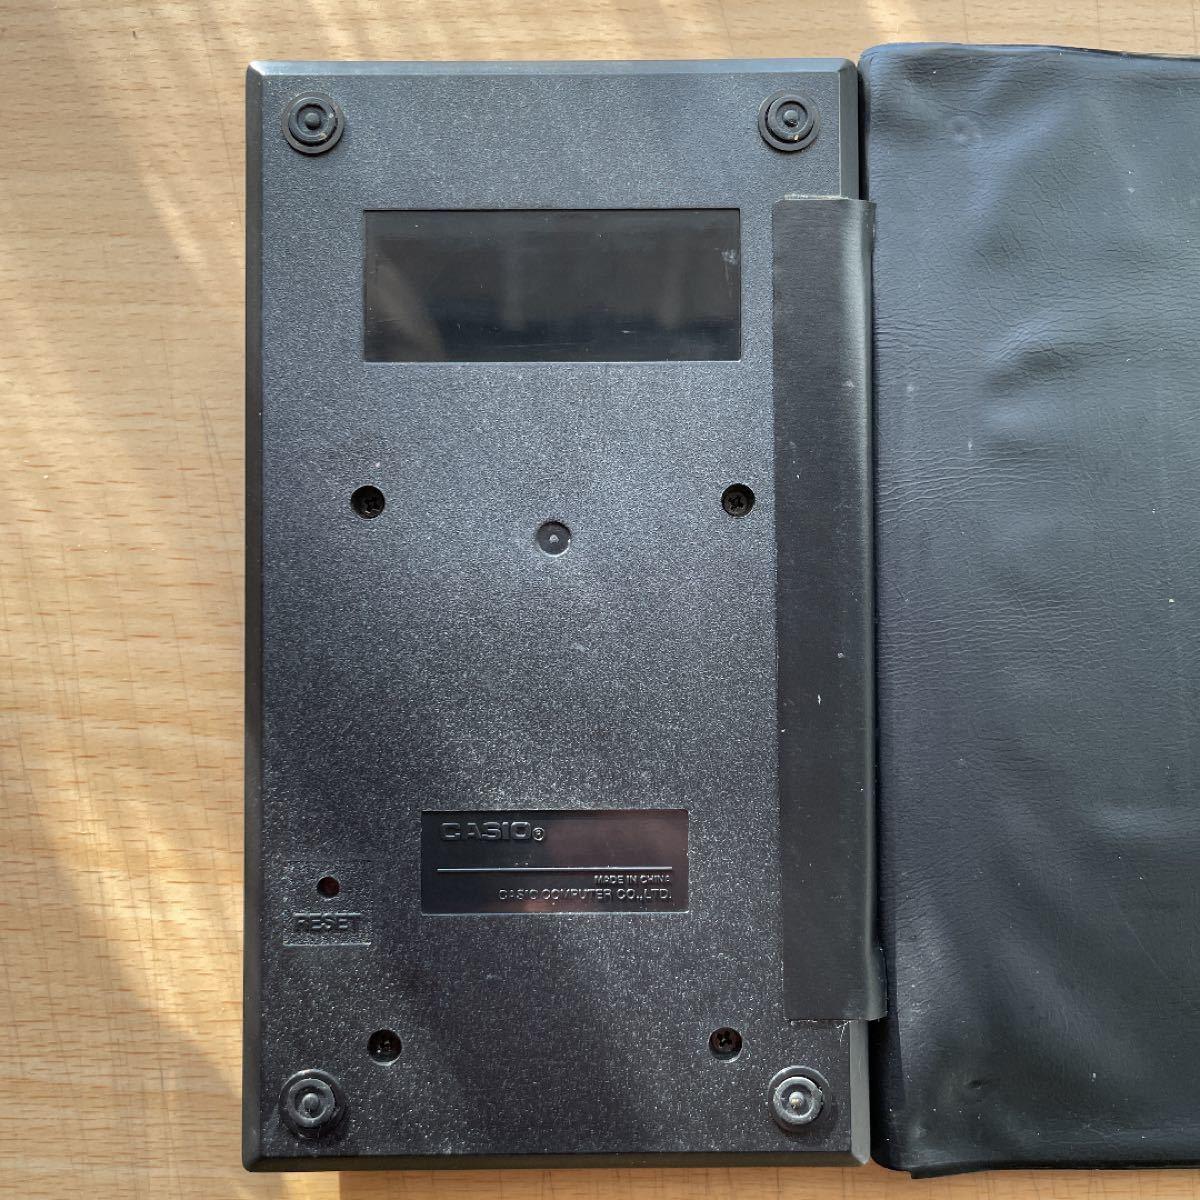 カシオ関数電卓 COLLEGE fx-360MT TURBO-FX